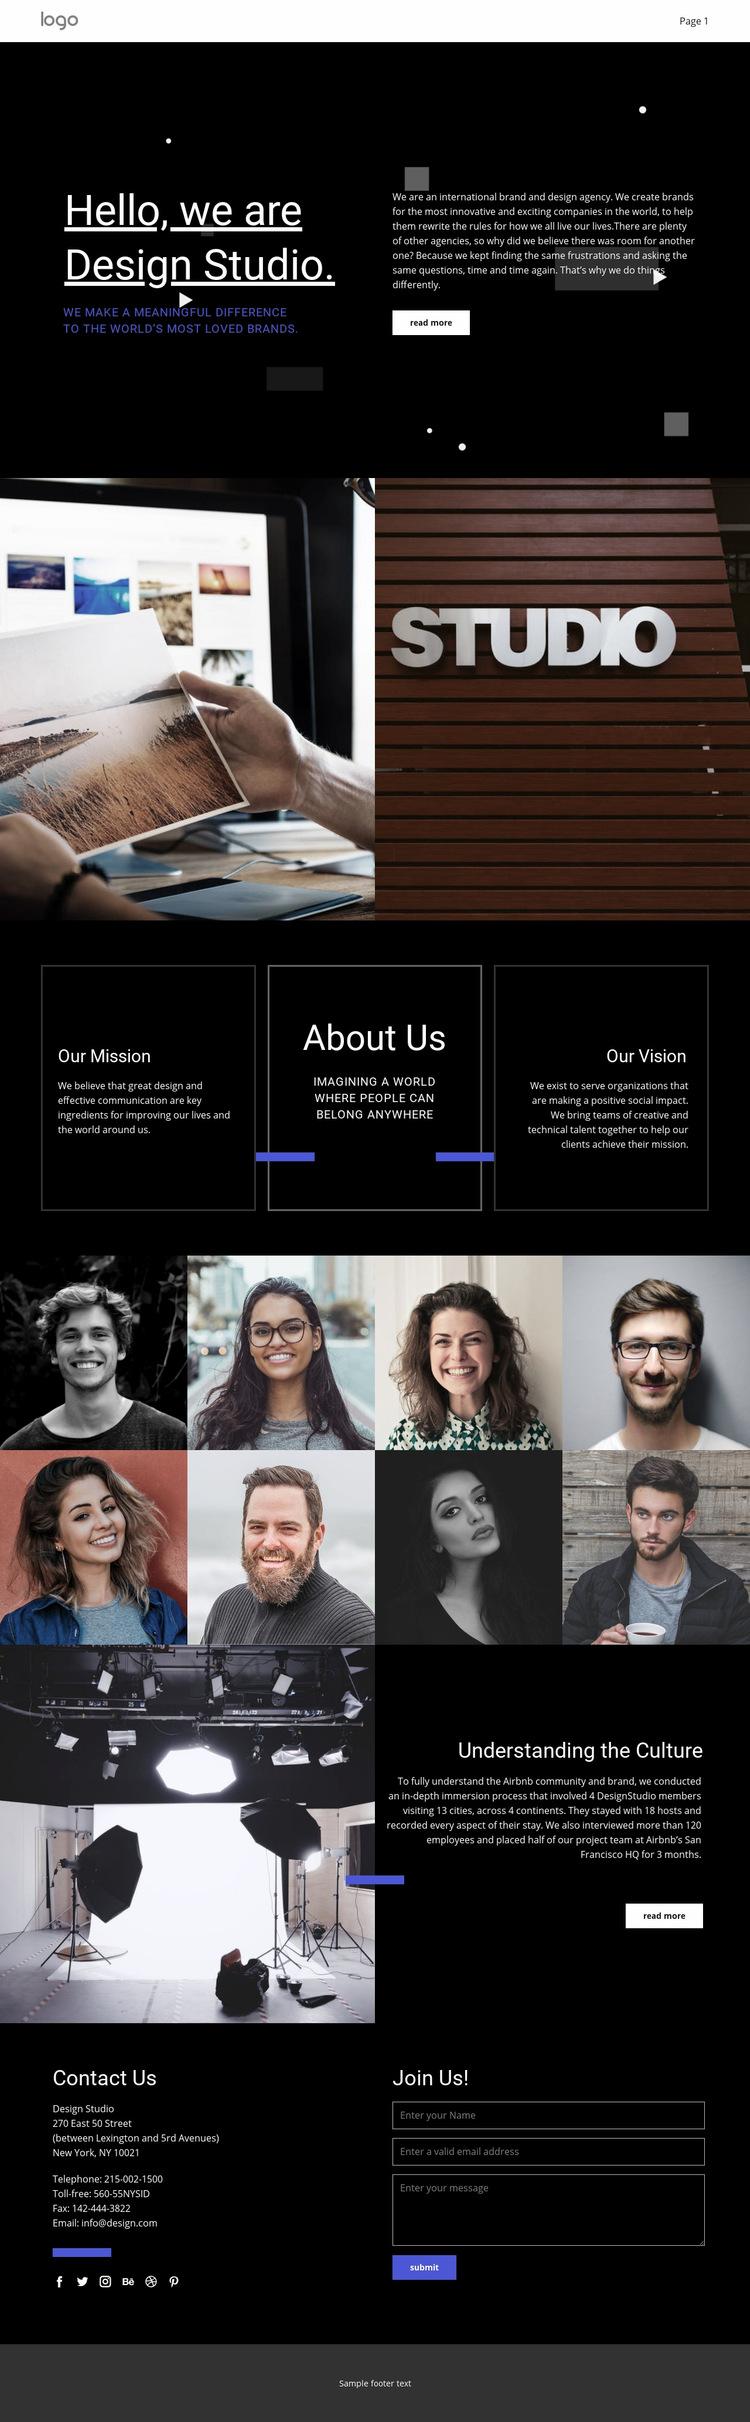 Our design is unique Web Page Design